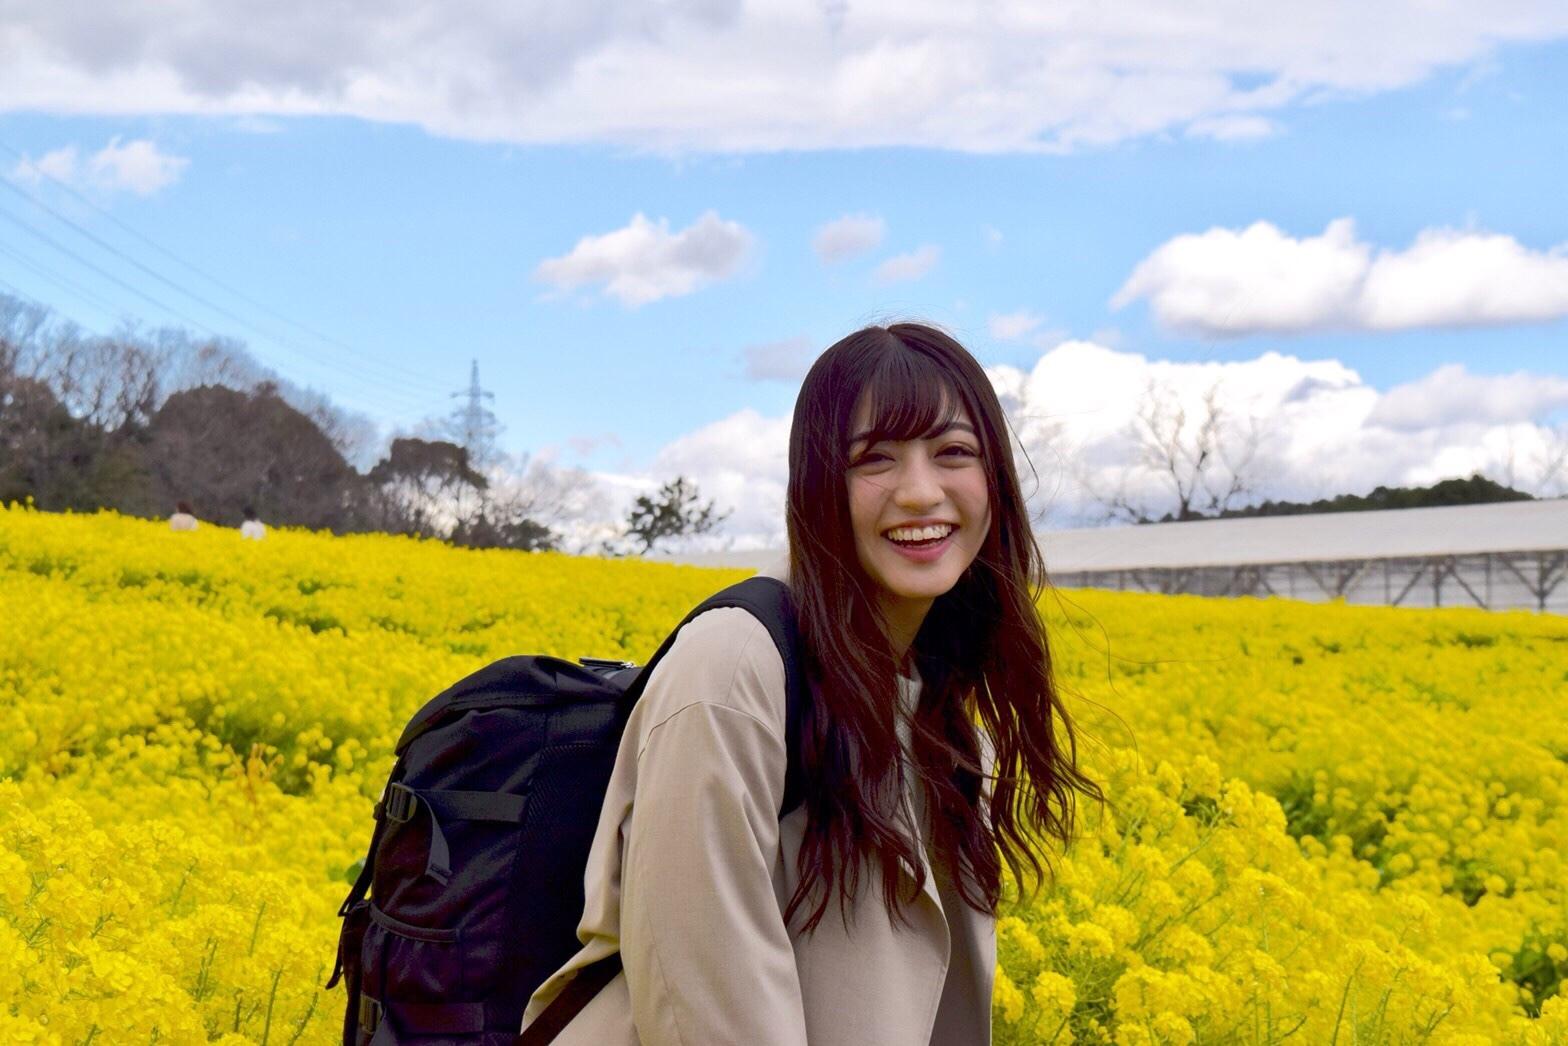 菜の花畑がインスタ映え!!女子5人で名古屋旅行❤︎_1_9